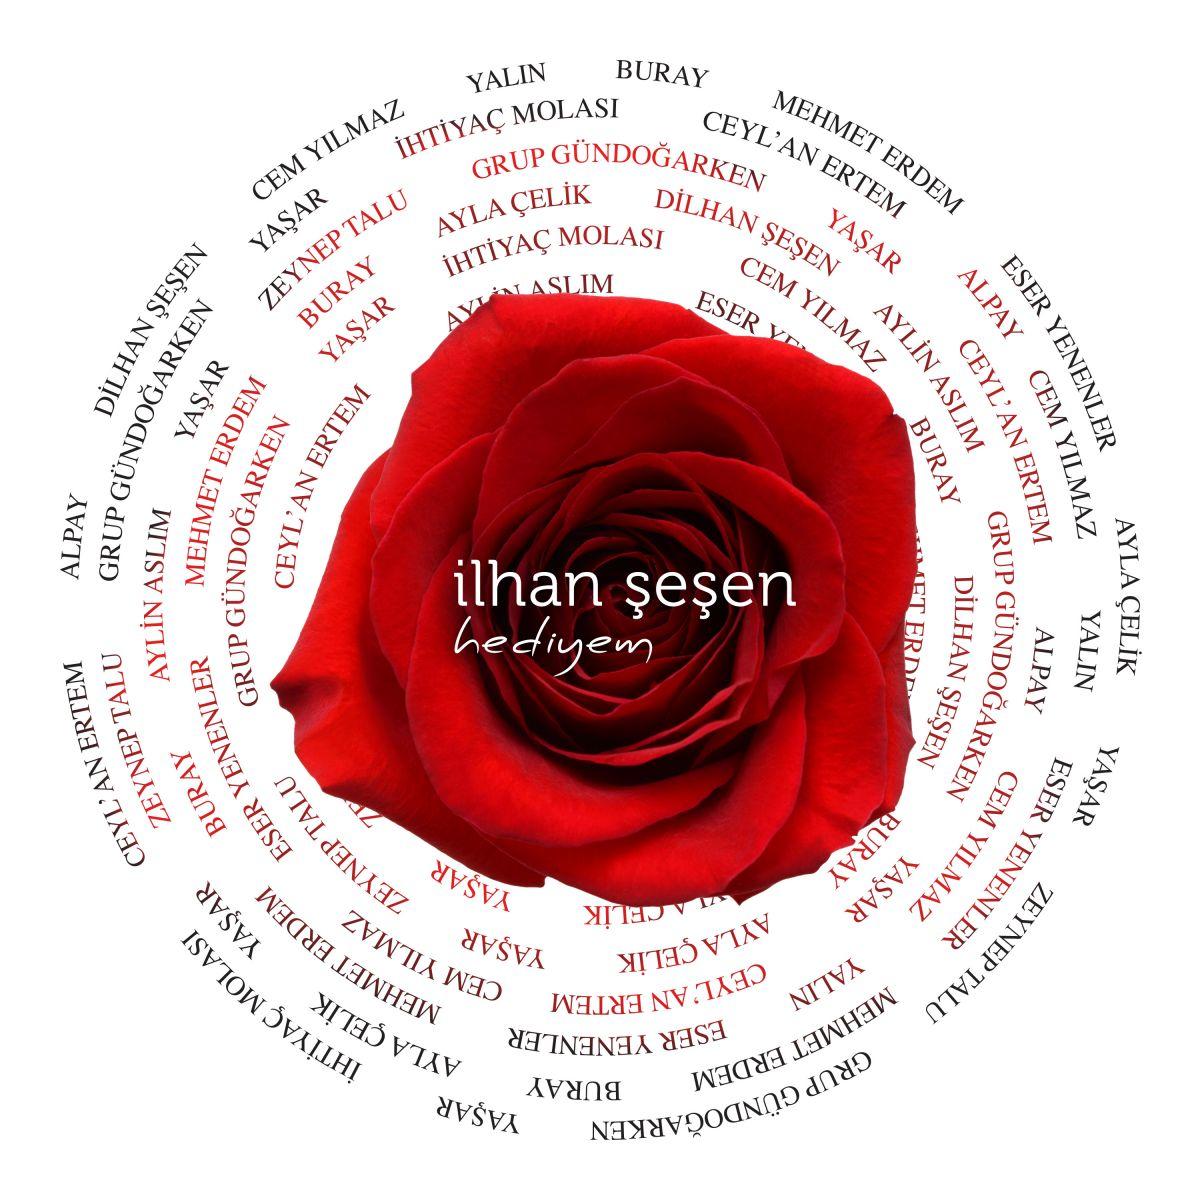 """47. sanat yılında İlhan Şeşen'den """"Hediyem"""" geliyor.."""